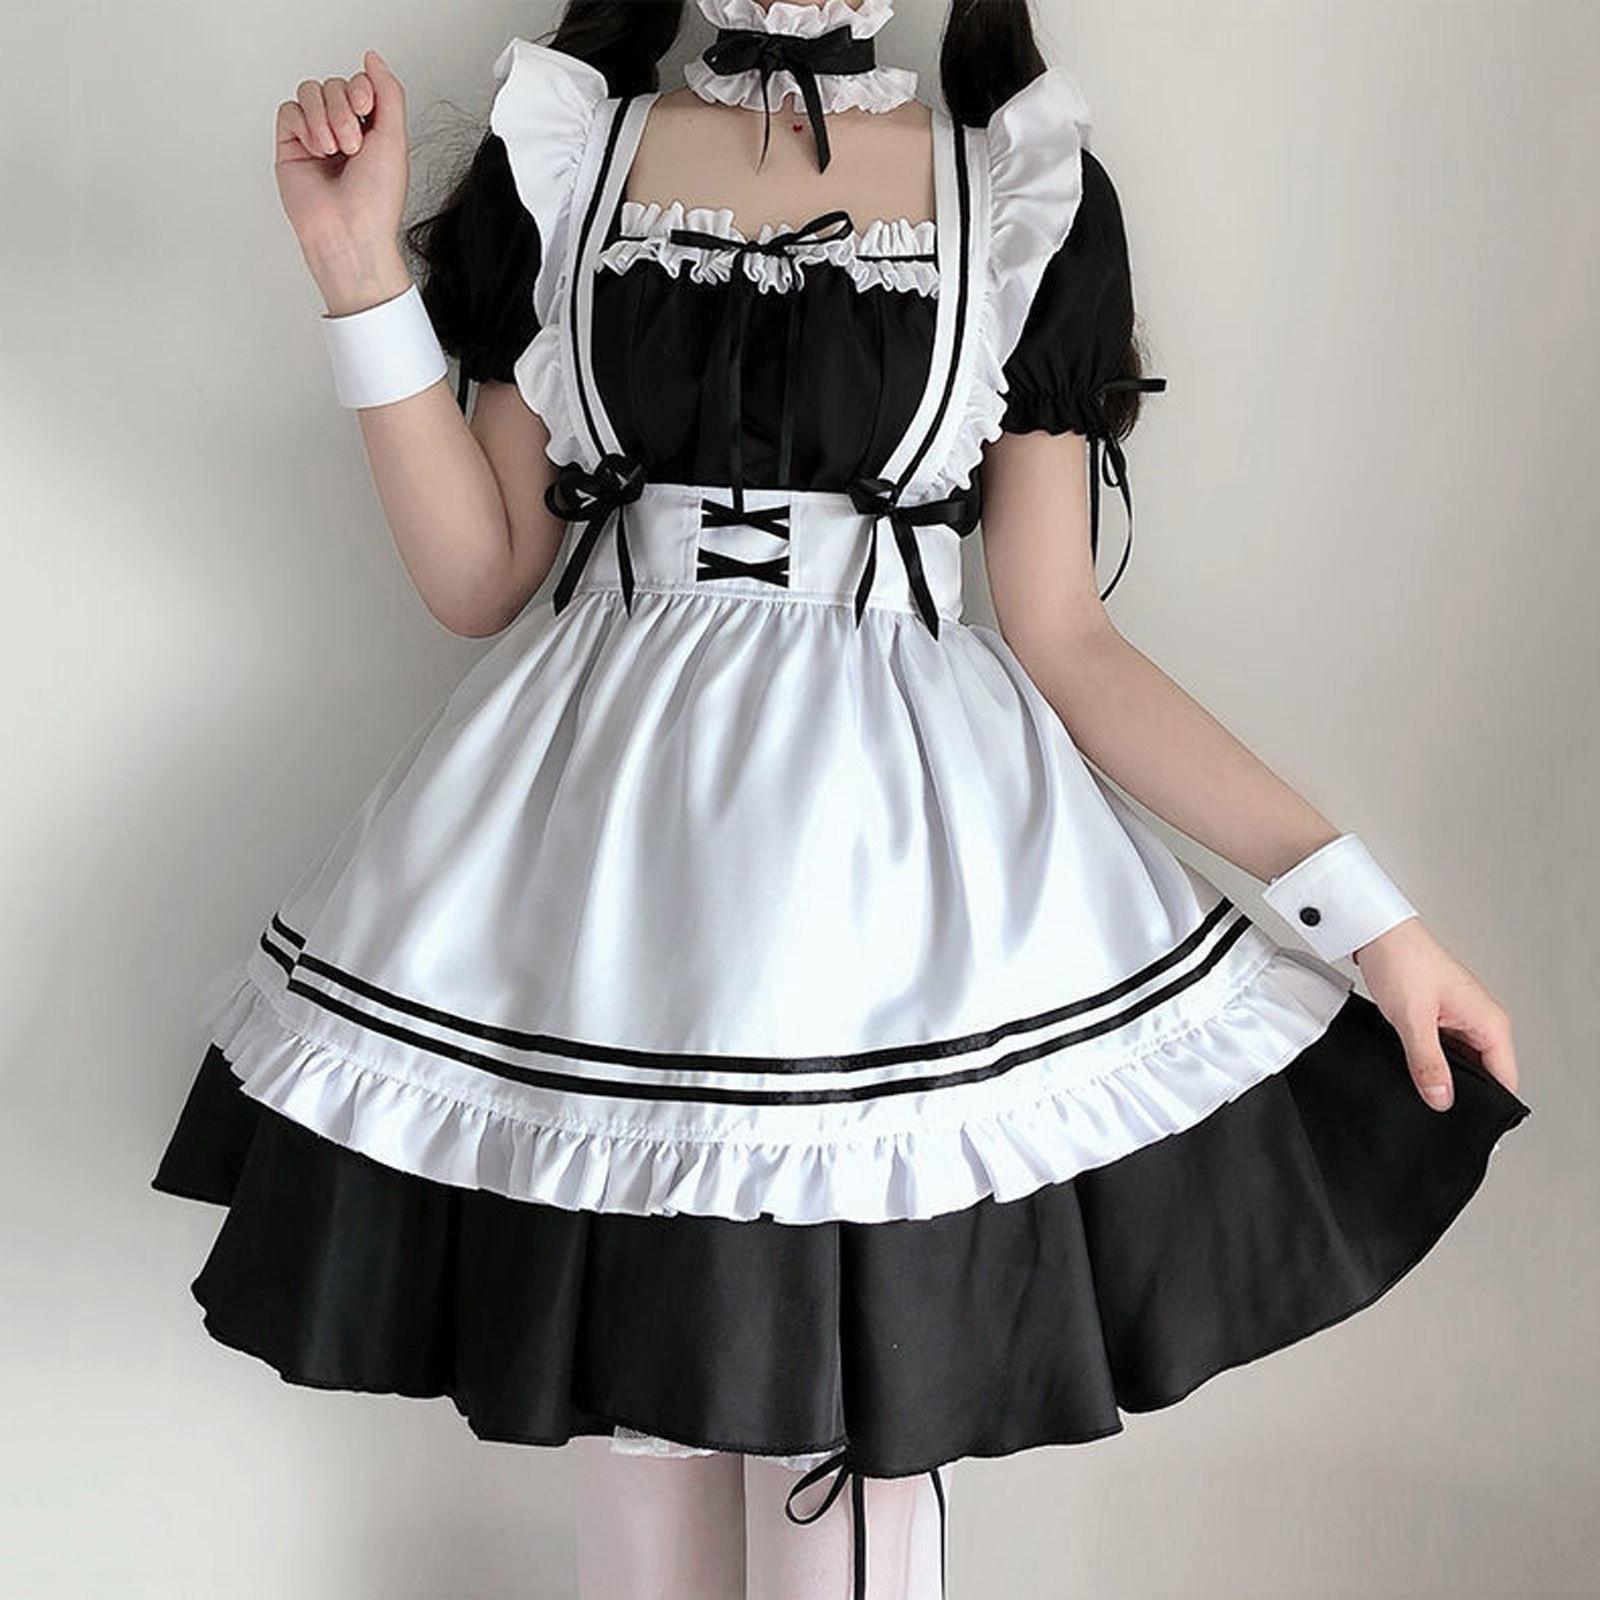 Słodka sukienka Lolita francuska pokojówka kelner kostium kobiety Sexy Mini fartuszek śliczny strój Halloween Cosplay dla dziewczyn Plus rozmiar S-2XL